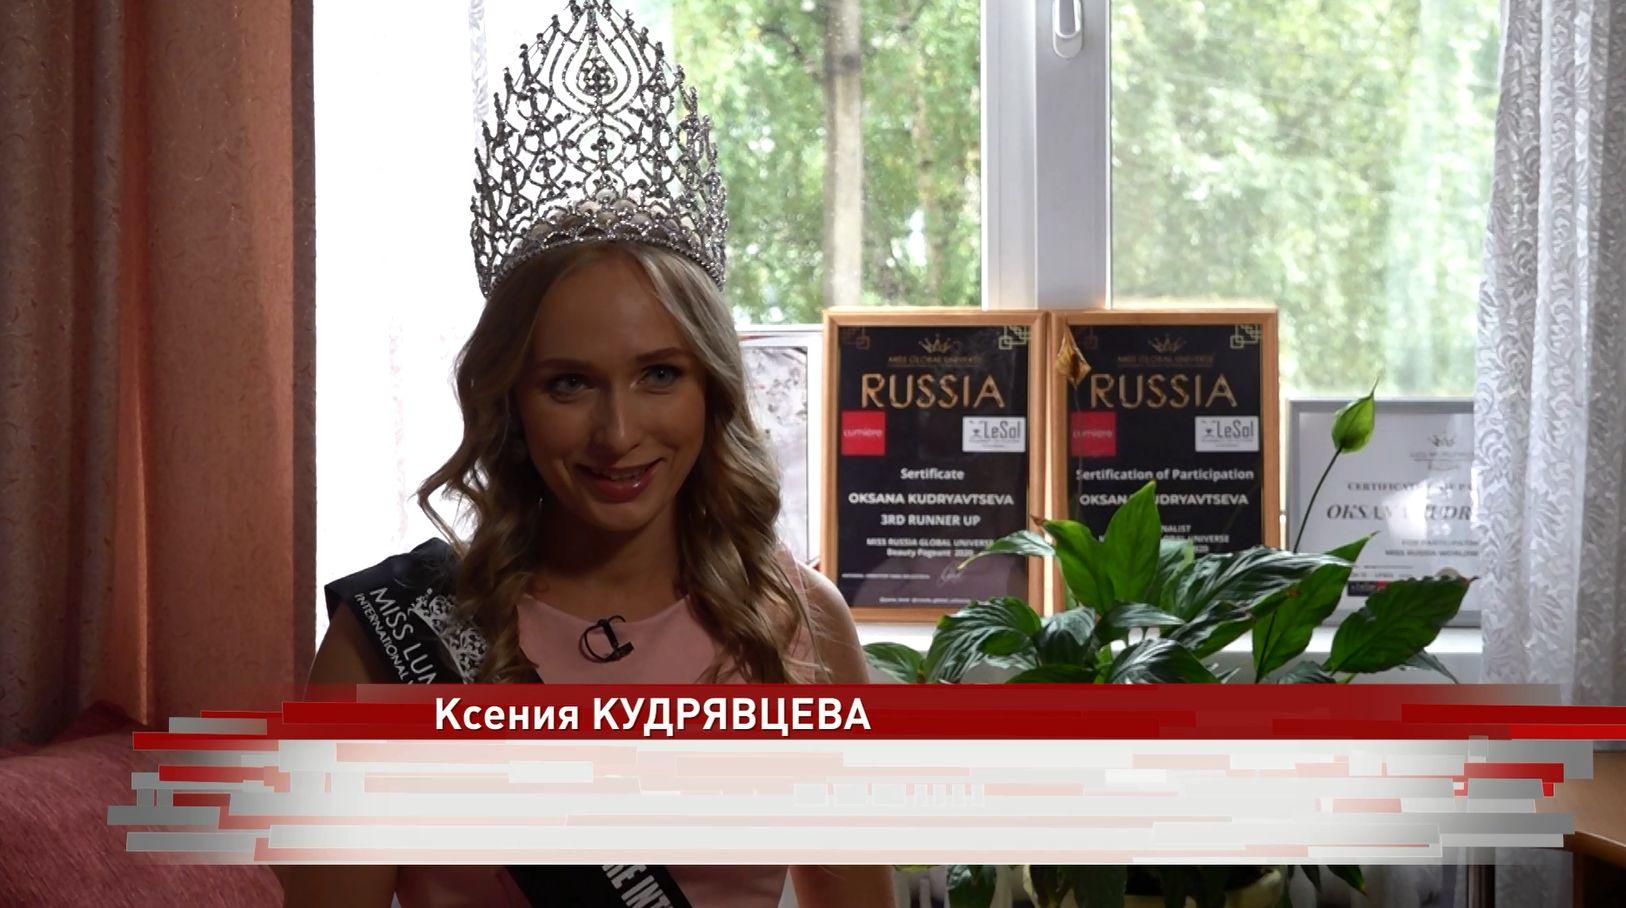 Ярославна будет представлять Россию на международном конкурсе красоты